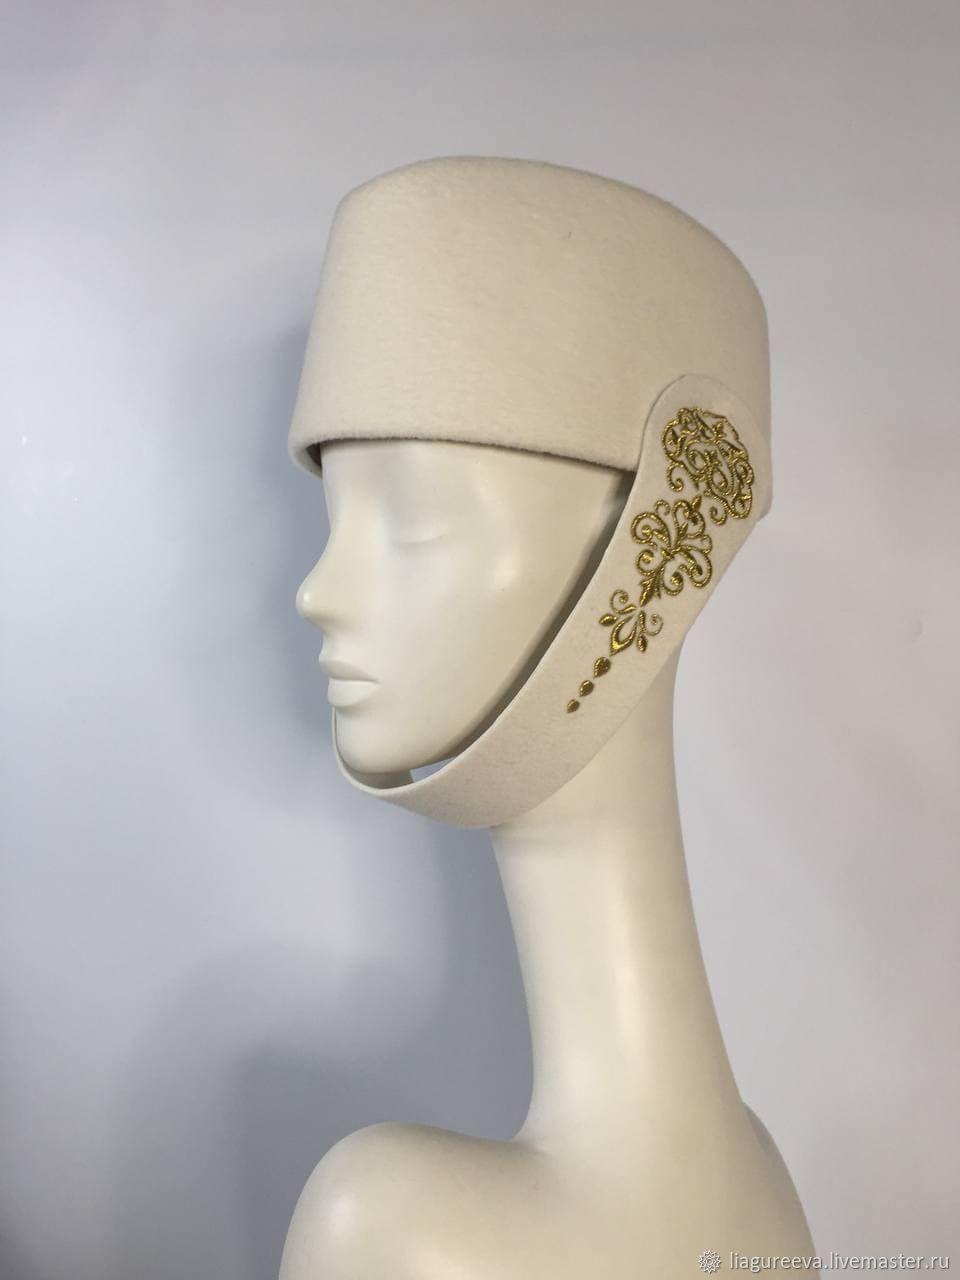 Шляпка тюбетейка с вышивкой, Шляпы, Москва,  Фото №1